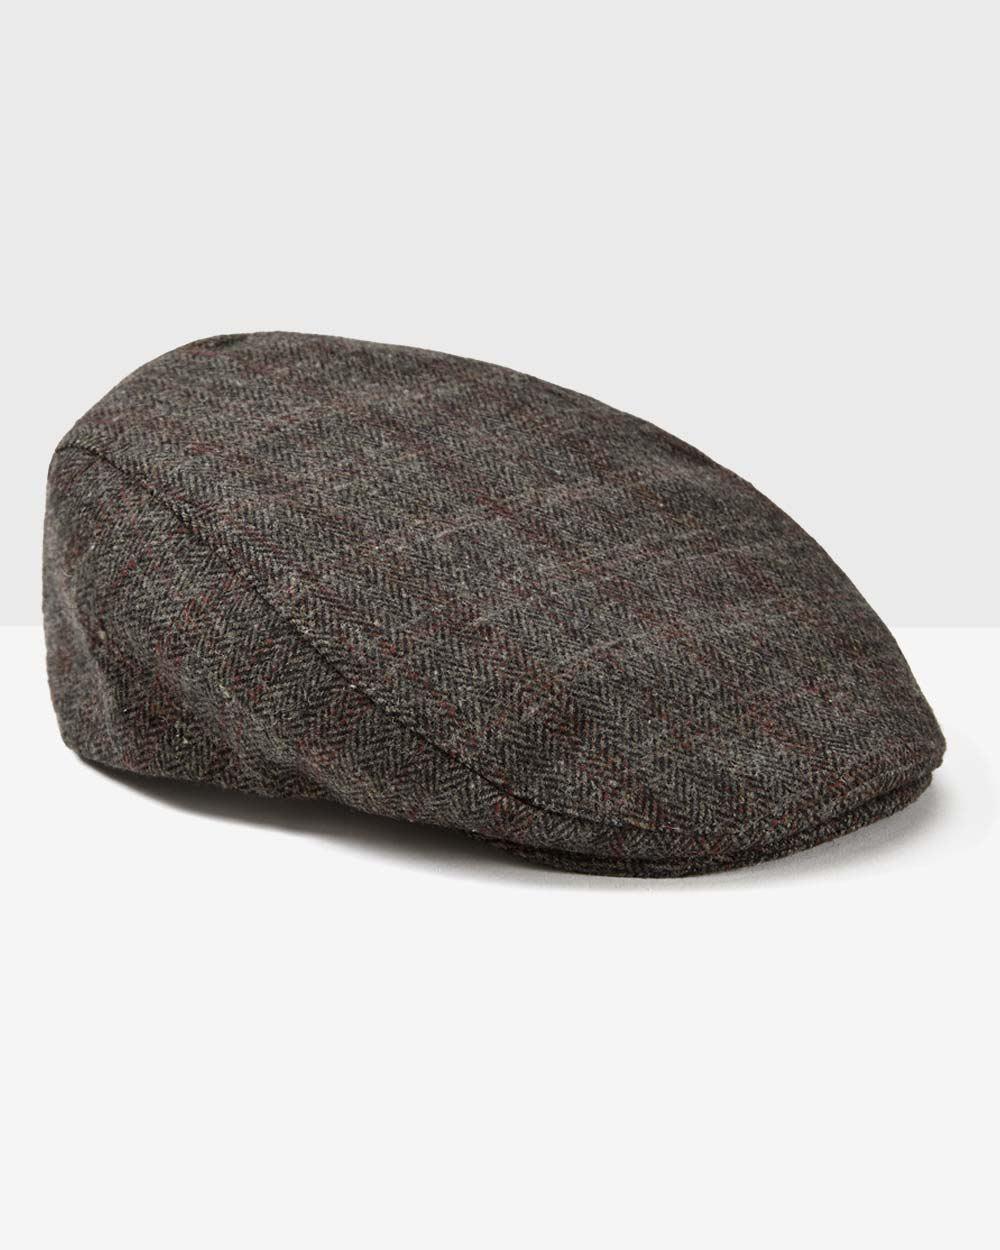 Plaid flat cap  ac36c4e05a3